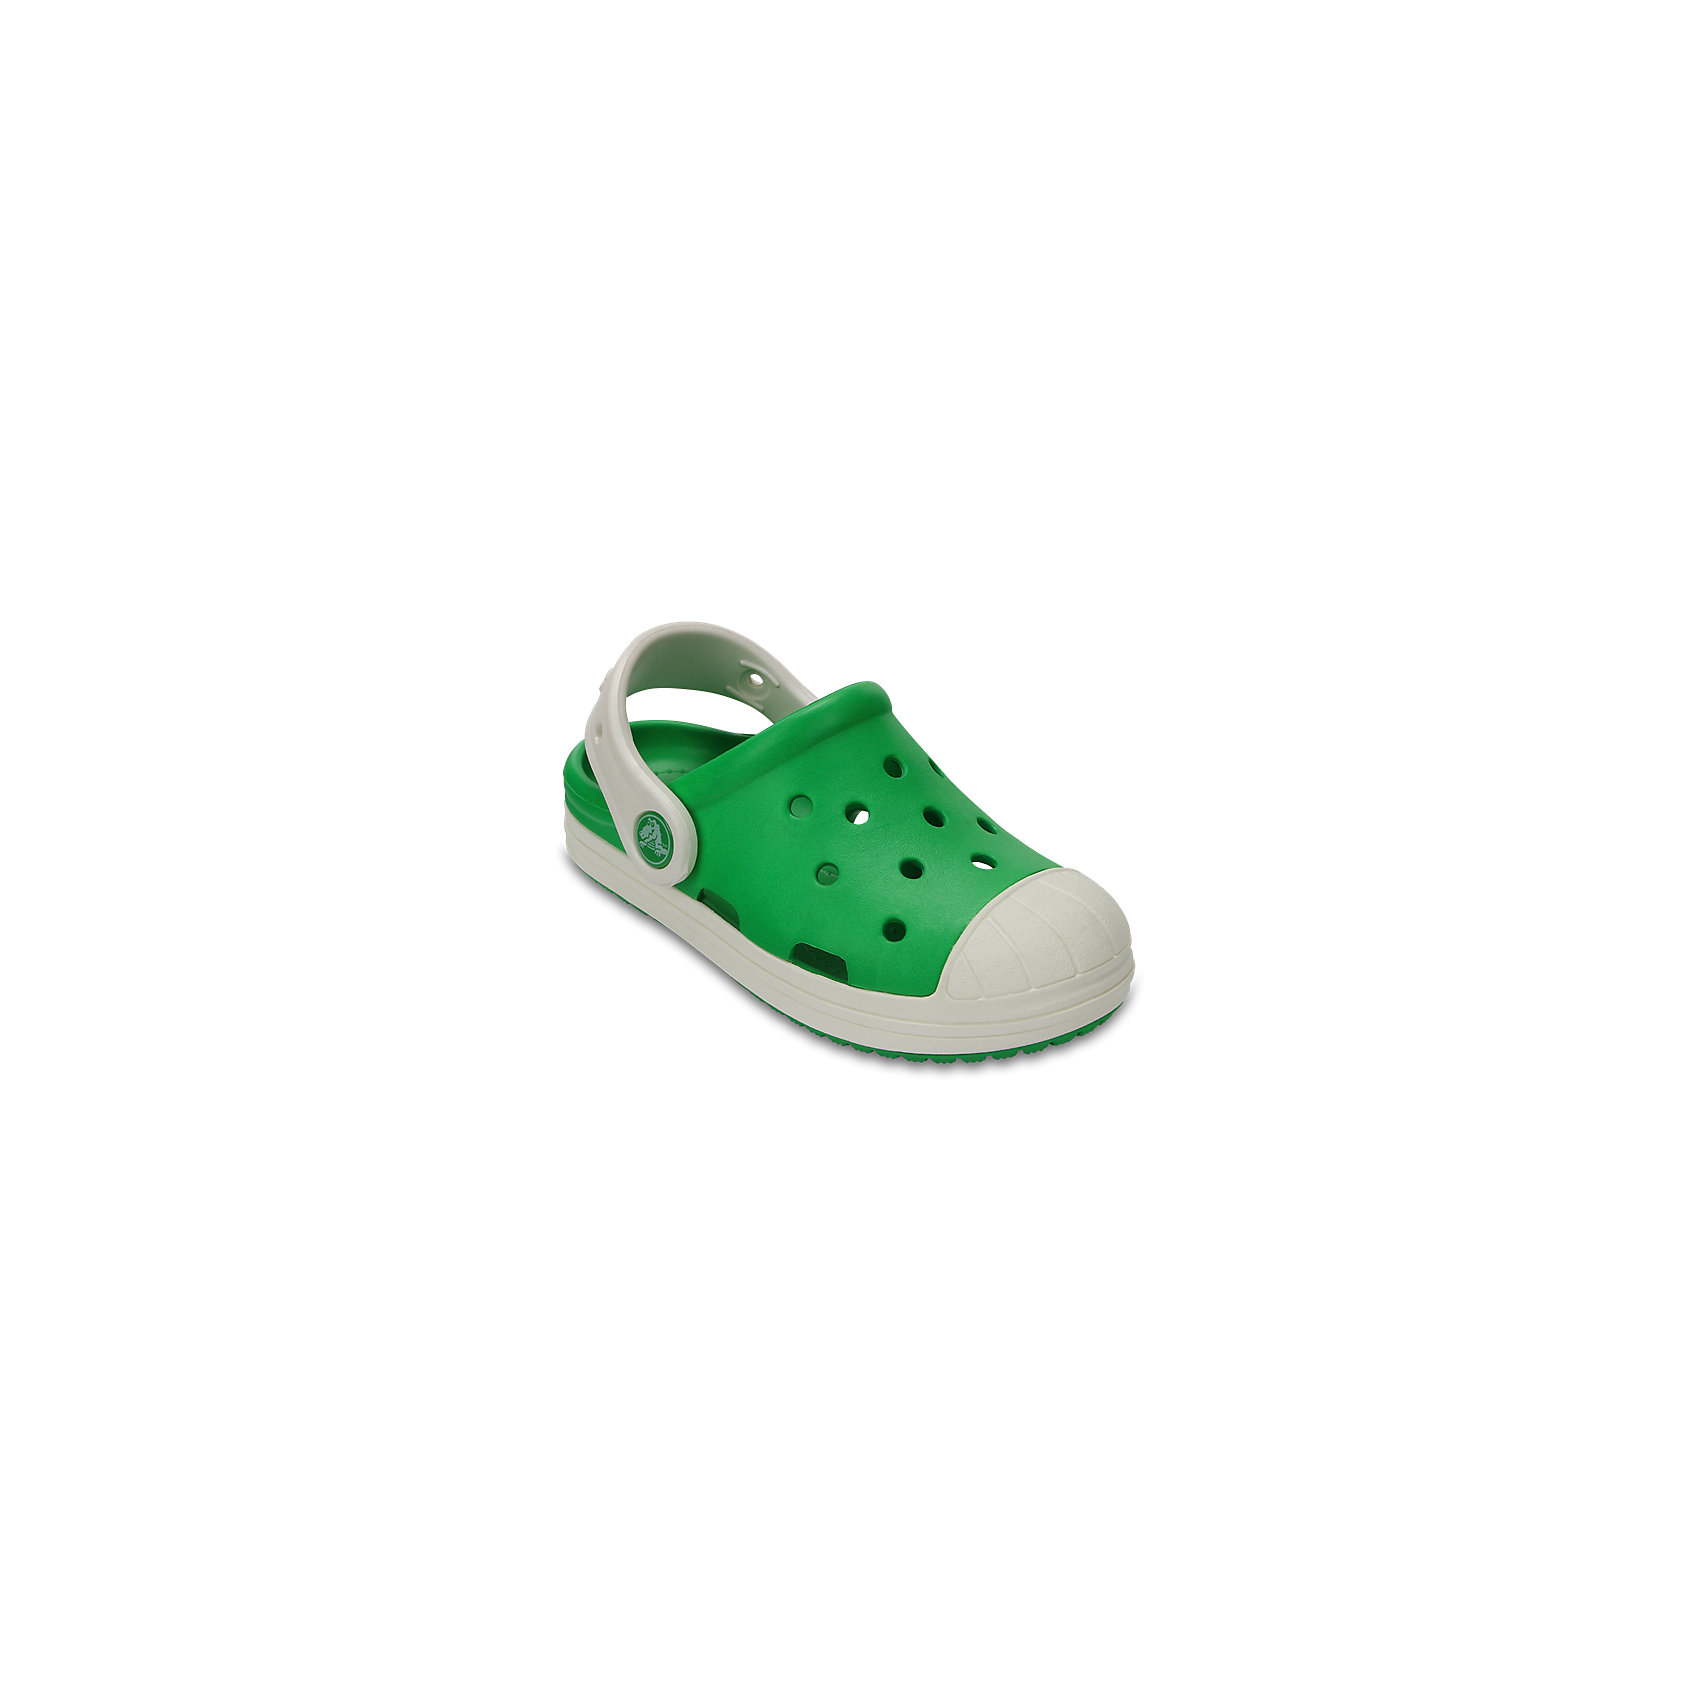 Сабо Kids' Crocs Bump It Clog, зеленыйПляжная обувь<br>Характеристики товара:<br><br>• цвет: зеленый<br>• материал: 100% полимер Croslite™<br>• литая модель<br>• вентиляционные отверстия<br>• бактериостатичный материал<br>• пяточный ремешок фиксирует стопу<br>• толстая устойчивая подошва<br>• страна бренда: США<br>• страна изготовитель: Китай<br><br>Сабо Kids' Crocs обеспечивают детям необходимый комфорт, а анатомическая стелька с массажными линиями для стимуляции кровообращения позволяет ножкам дольше не уставать. <br><br>Сабо легко надеваются и снимаются, отлично сидят на ноге. <br><br>Материал, из которого они сделаны, не дает размножаться бактериям, поэтому такая обувь препятствует образованию неприятного запаха и появлению болезней стоп. <br><br>Изделие производится из качественных и проверенных материалов, которые безопасны для детей.<br><br>Сабо Kids' Crocs Bump It Clog от торговой марки Crocs можно купить в нашем интернет-магазине.<br><br>Ширина мм: 225<br>Глубина мм: 139<br>Высота мм: 112<br>Вес г: 290<br>Цвет: зеленый<br>Возраст от месяцев: 132<br>Возраст до месяцев: 144<br>Пол: Унисекс<br>Возраст: Детский<br>Размер: 26,25,24,23,30,28,27,29,34/35,33/34,31/32<br>SKU: 5416733